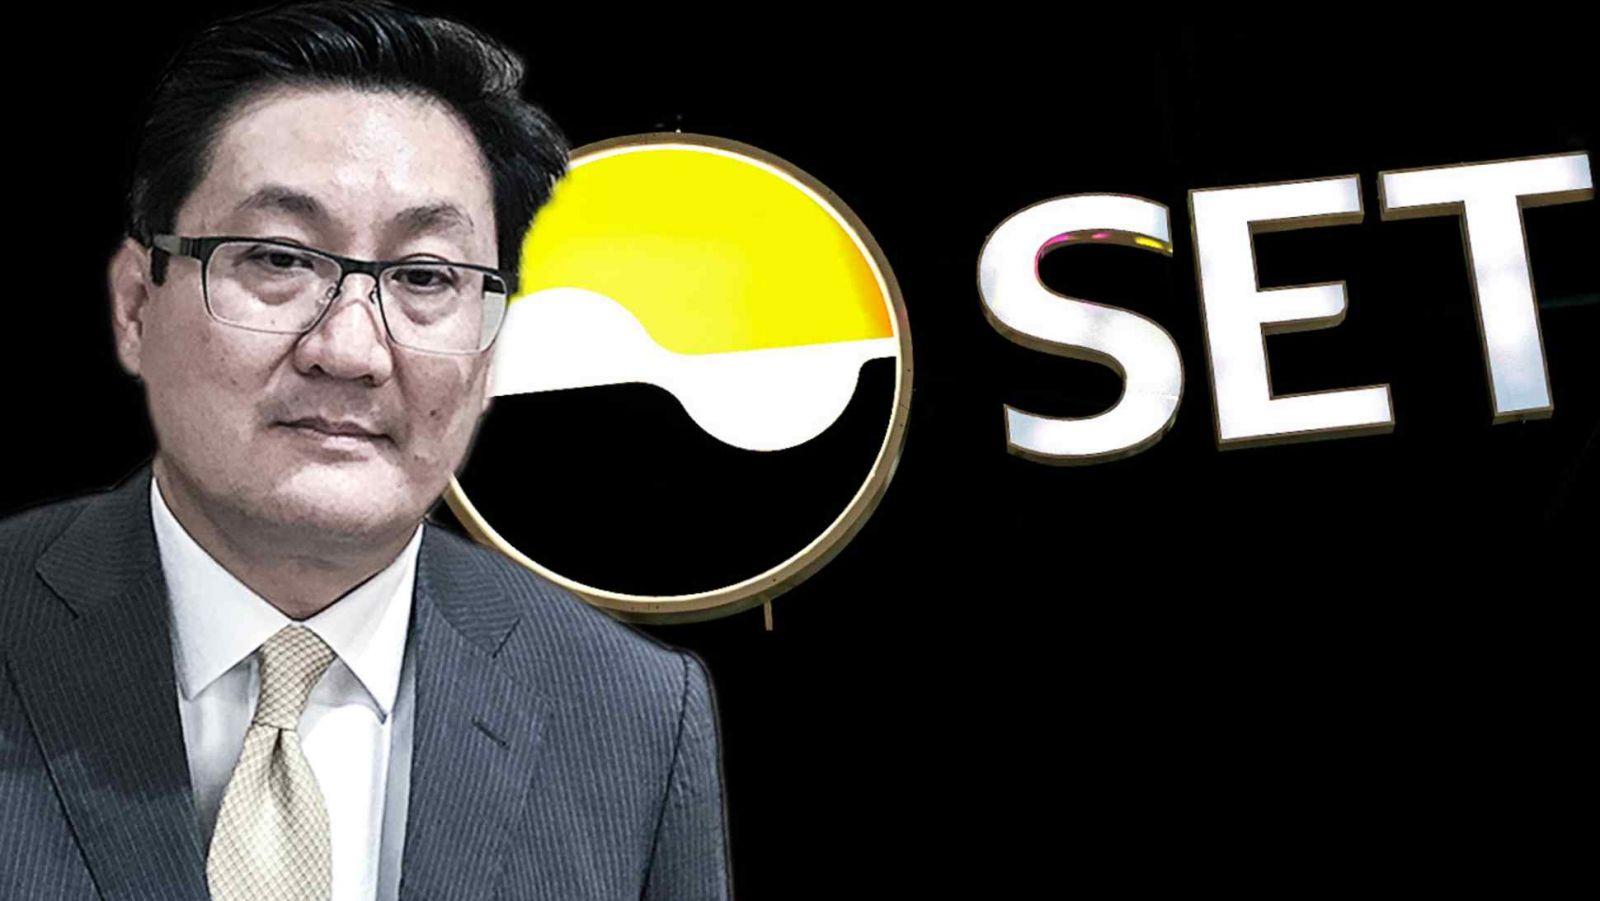 Chủ tịch Sở giao dịch chứng khoán Thái Lan Pakorn Peetathawatchai cho biết ông sẽ tập trung vào nguồn cung các đợt IPO của công ty công nghệ thu hút nhà đầu tư. (Nguồn ảnh Reuters)